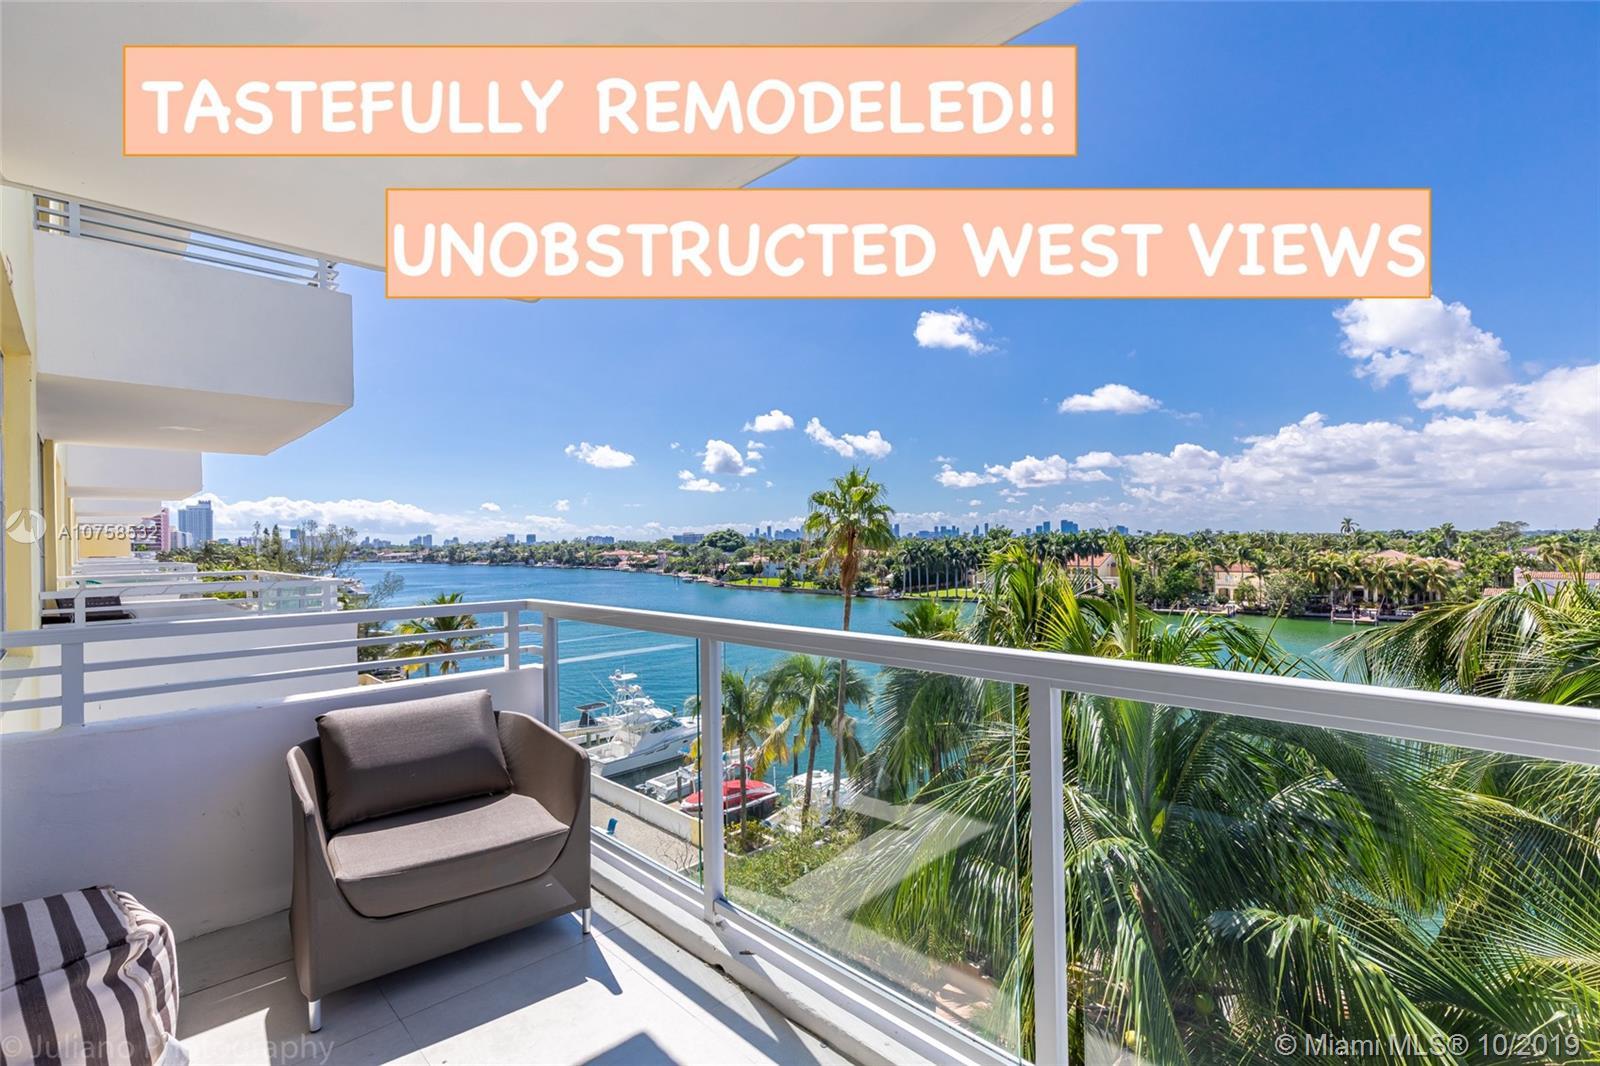 5600 Collins Ave #6M, Miami Beach, FL 33140 - Miami Beach, FL real estate listing